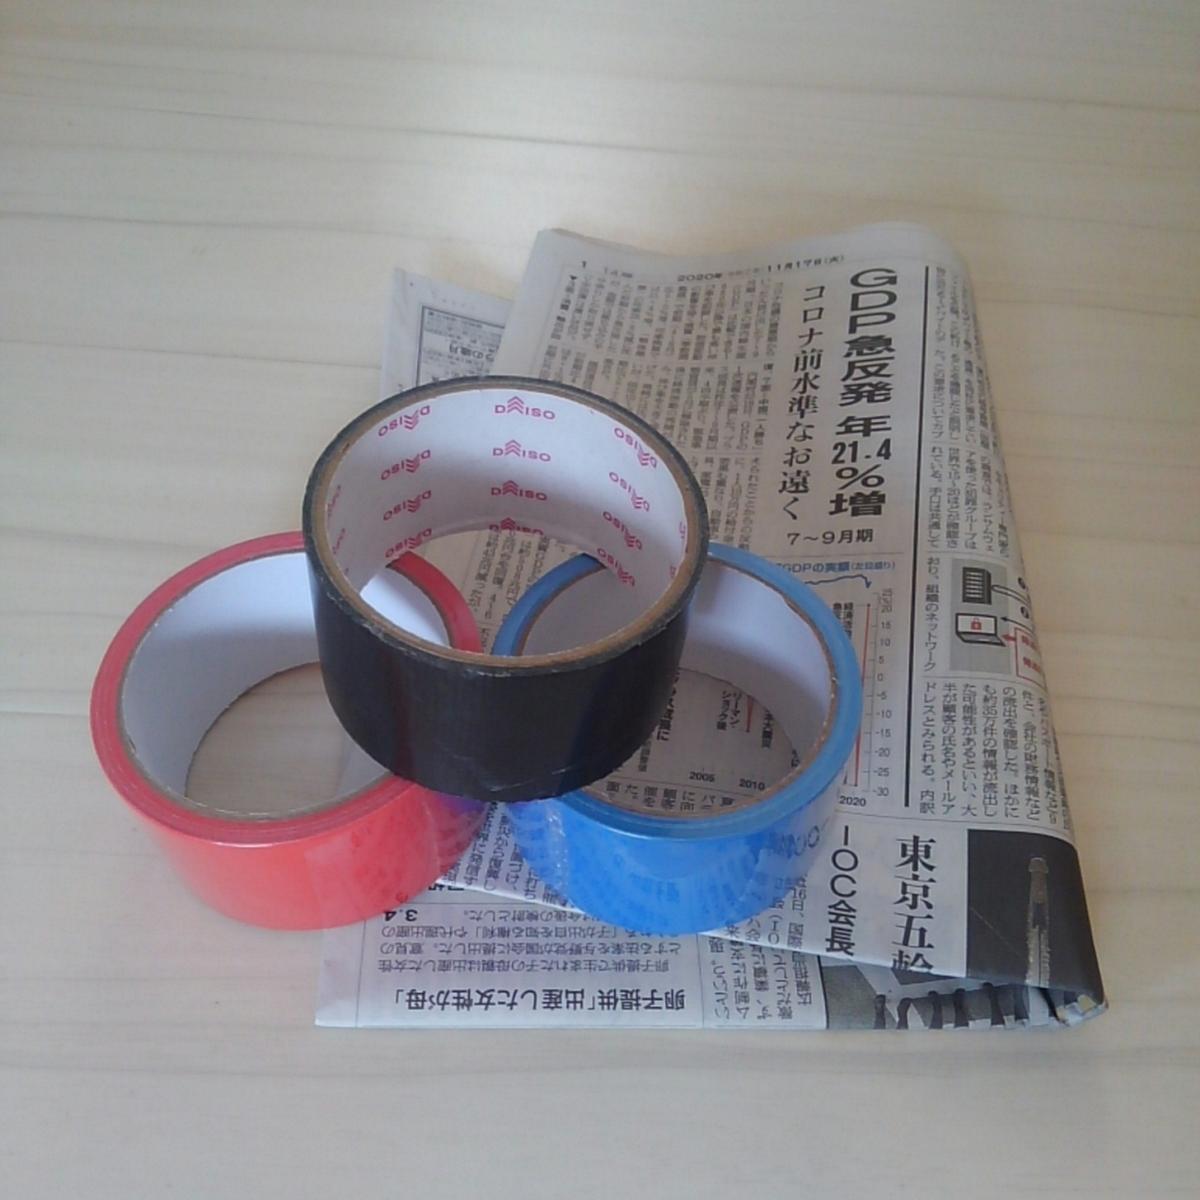 鬼滅の刃 日輪刀 0円工作 簡単手作り